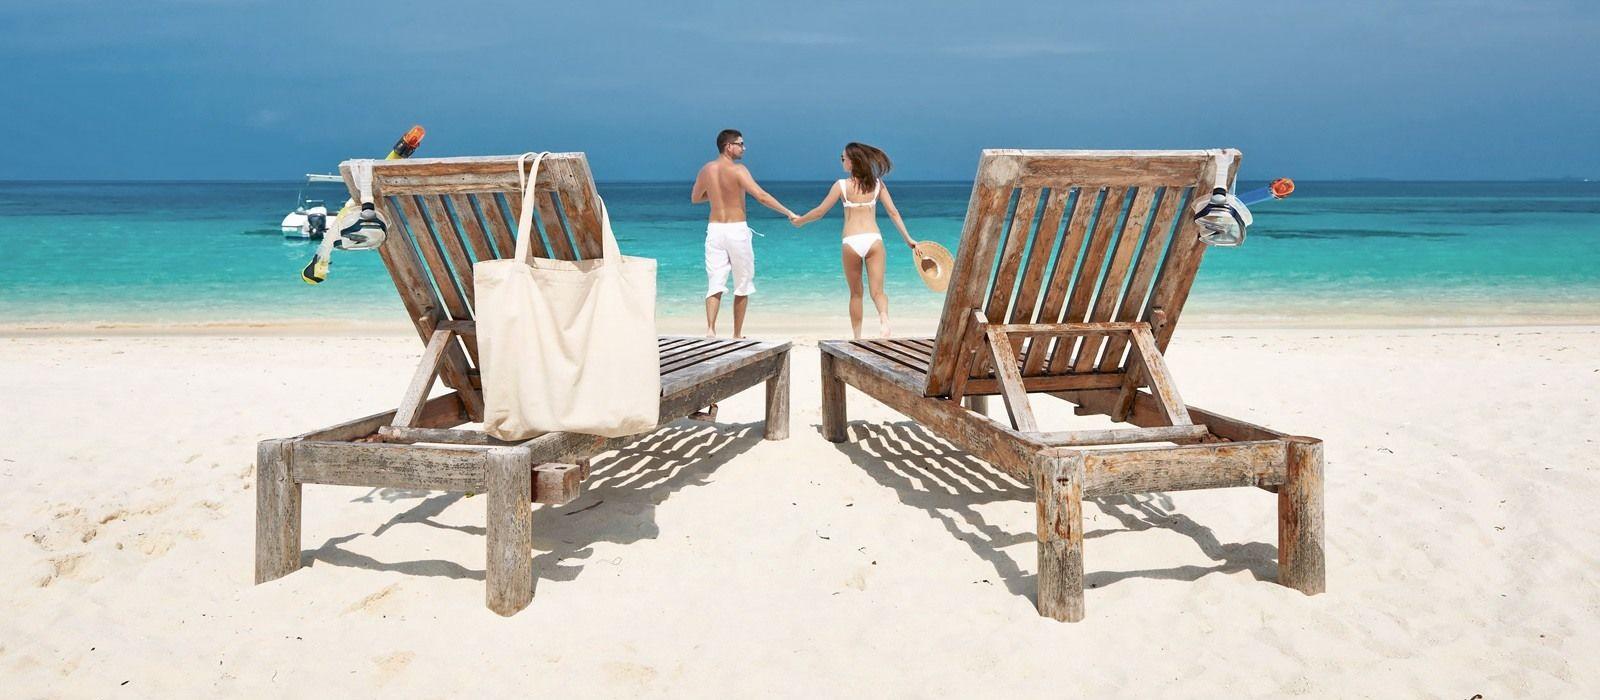 Zauberhafter Luxus in drei Ländern Asiens Urlaub 4